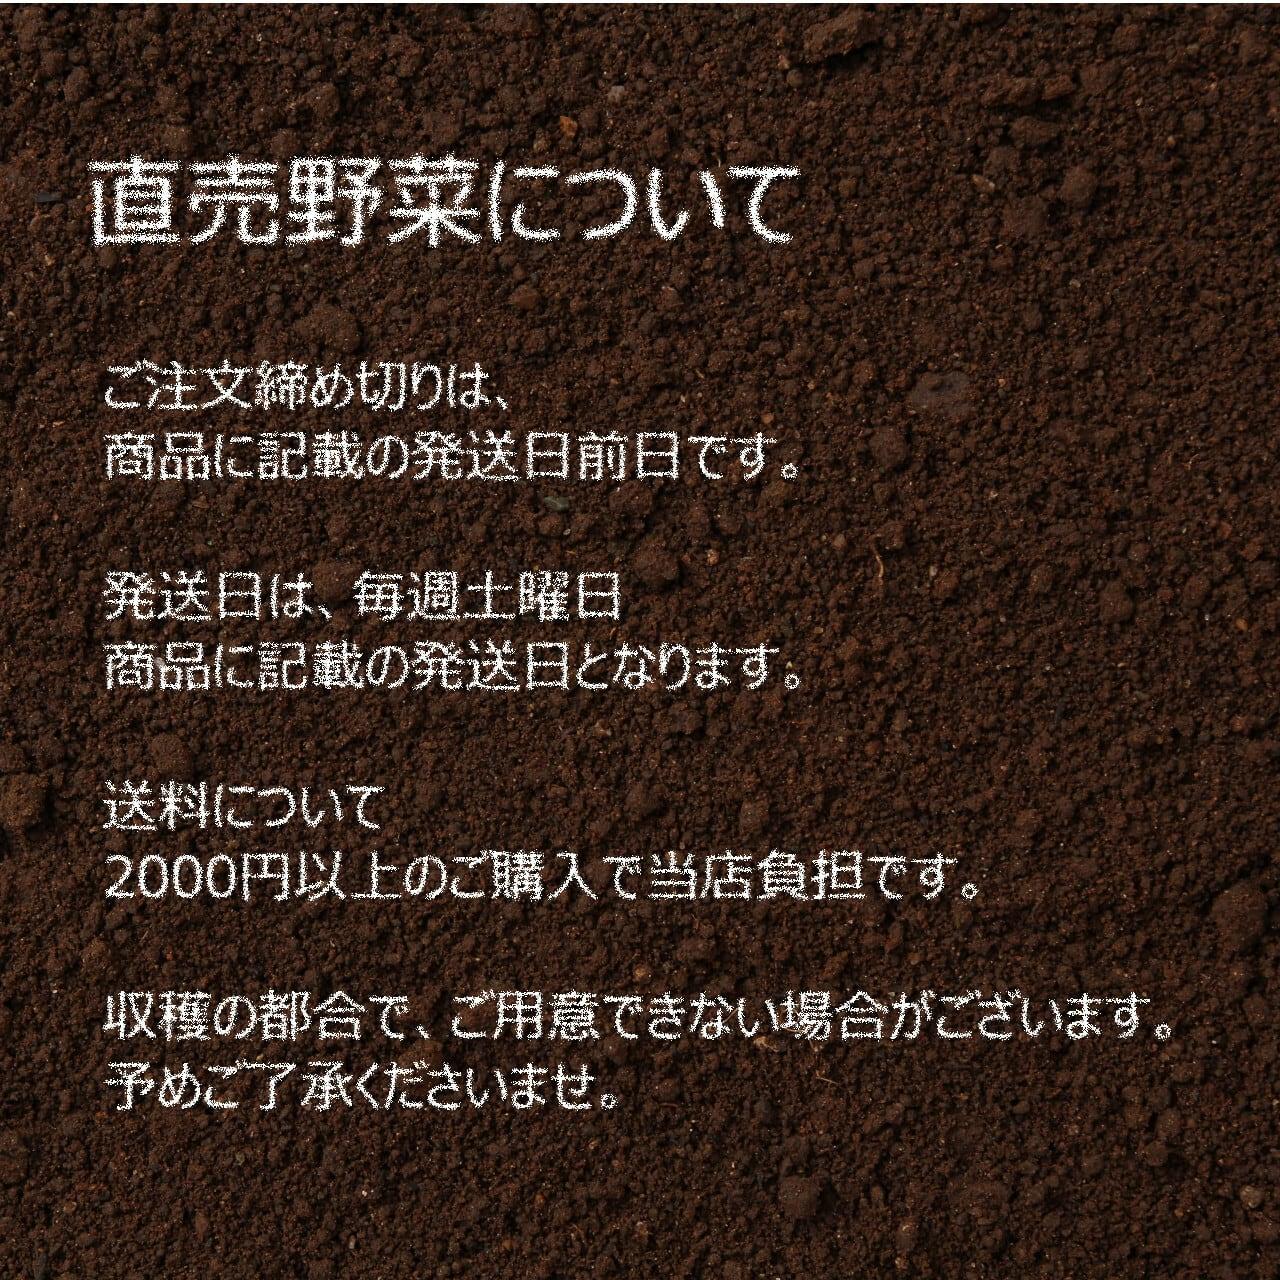 トマト 約 2~3個 : 6月の朝採り直売野菜 春の新鮮野菜 6月5日発送予定